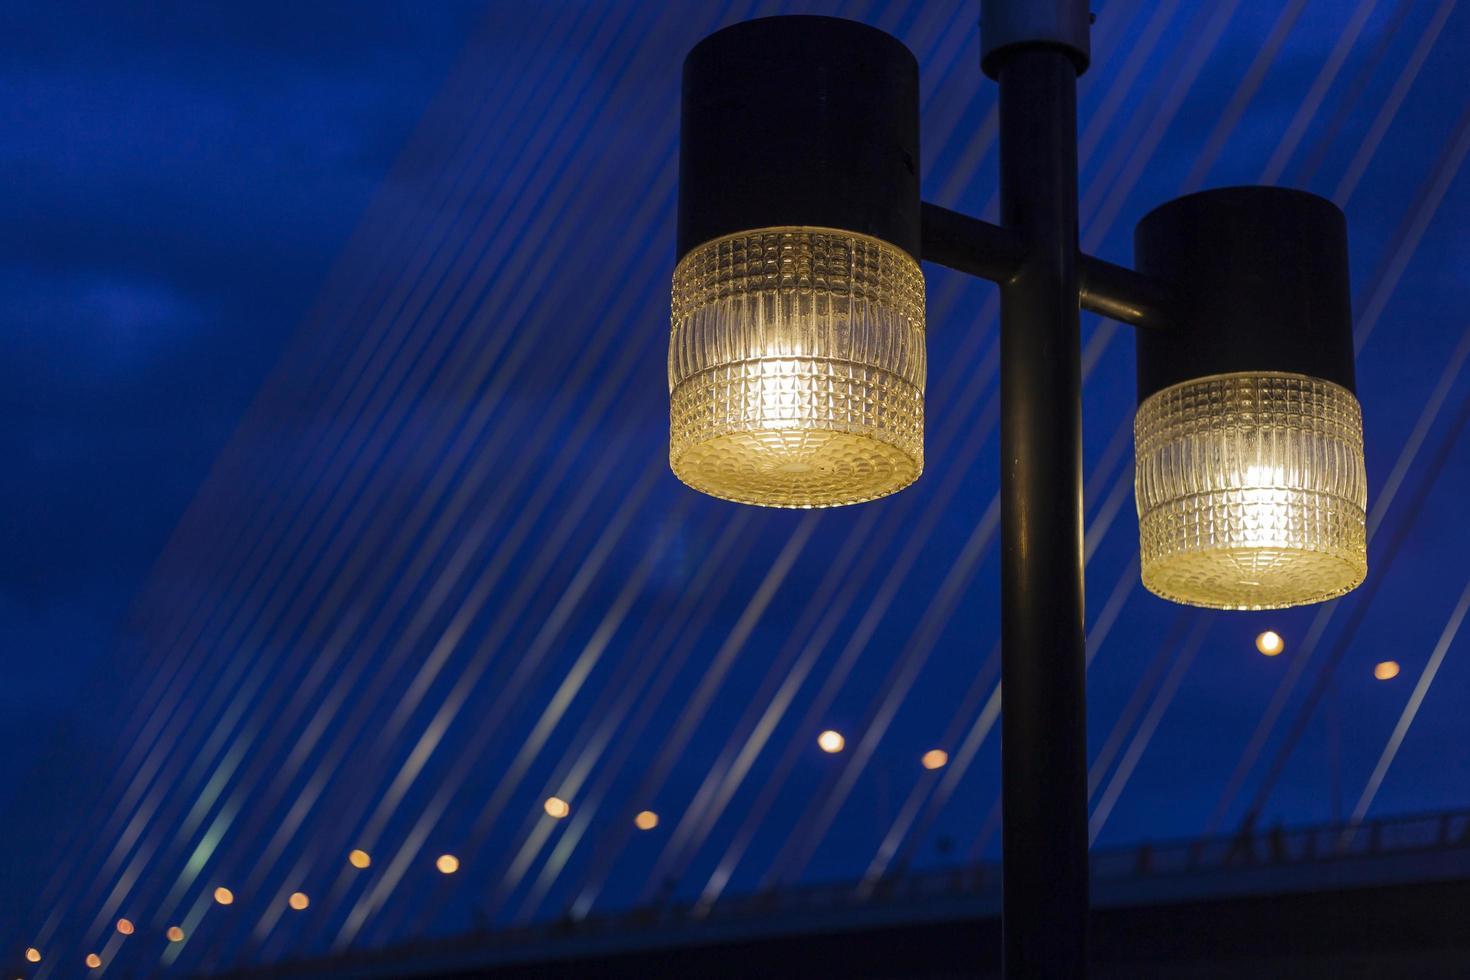 lampade di notte foto